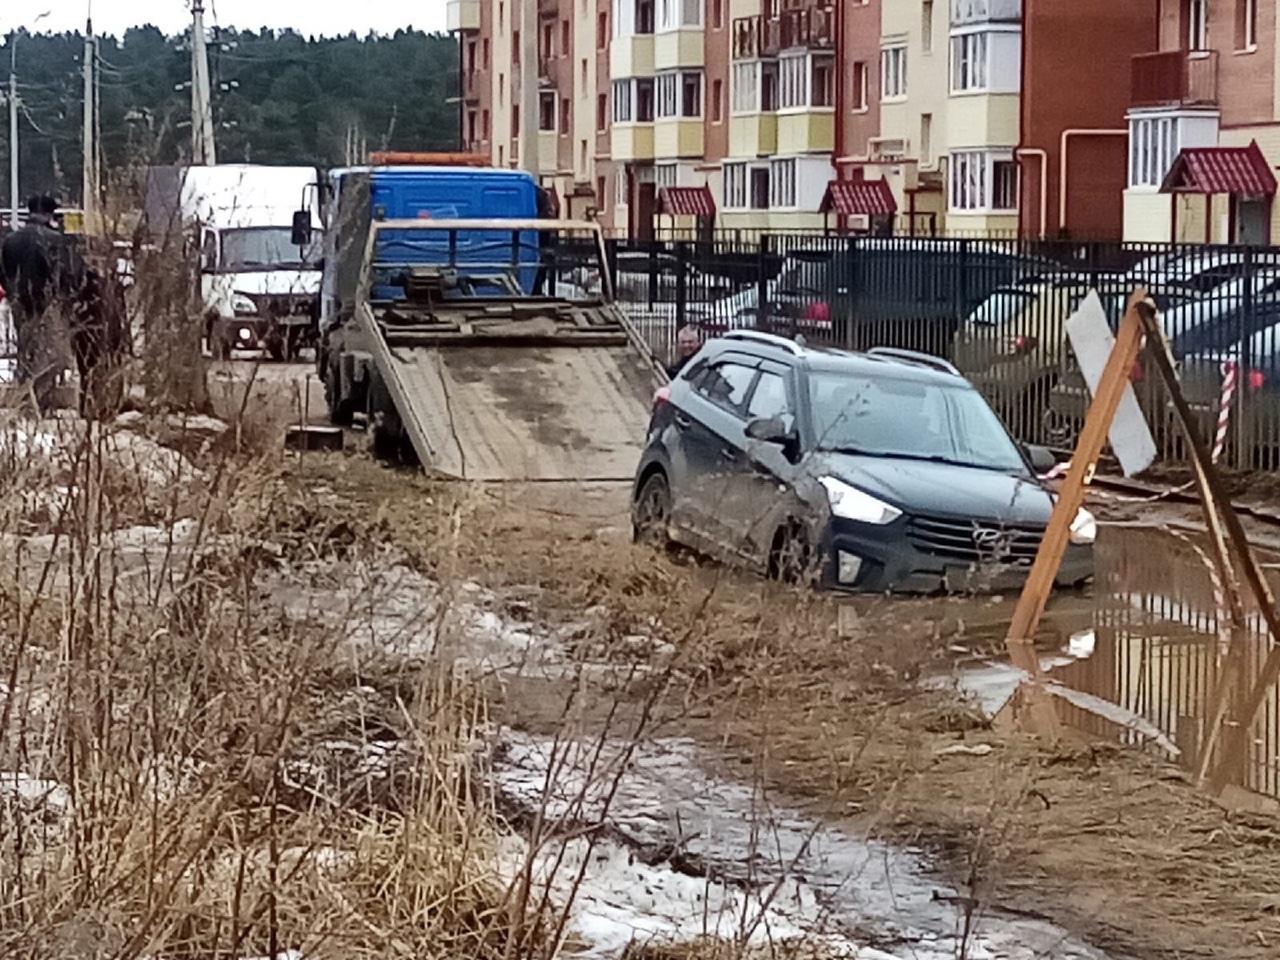 В луже за Волгой продолжают тонуть автомобили, несмотря на появившийся необычный дорожный знак